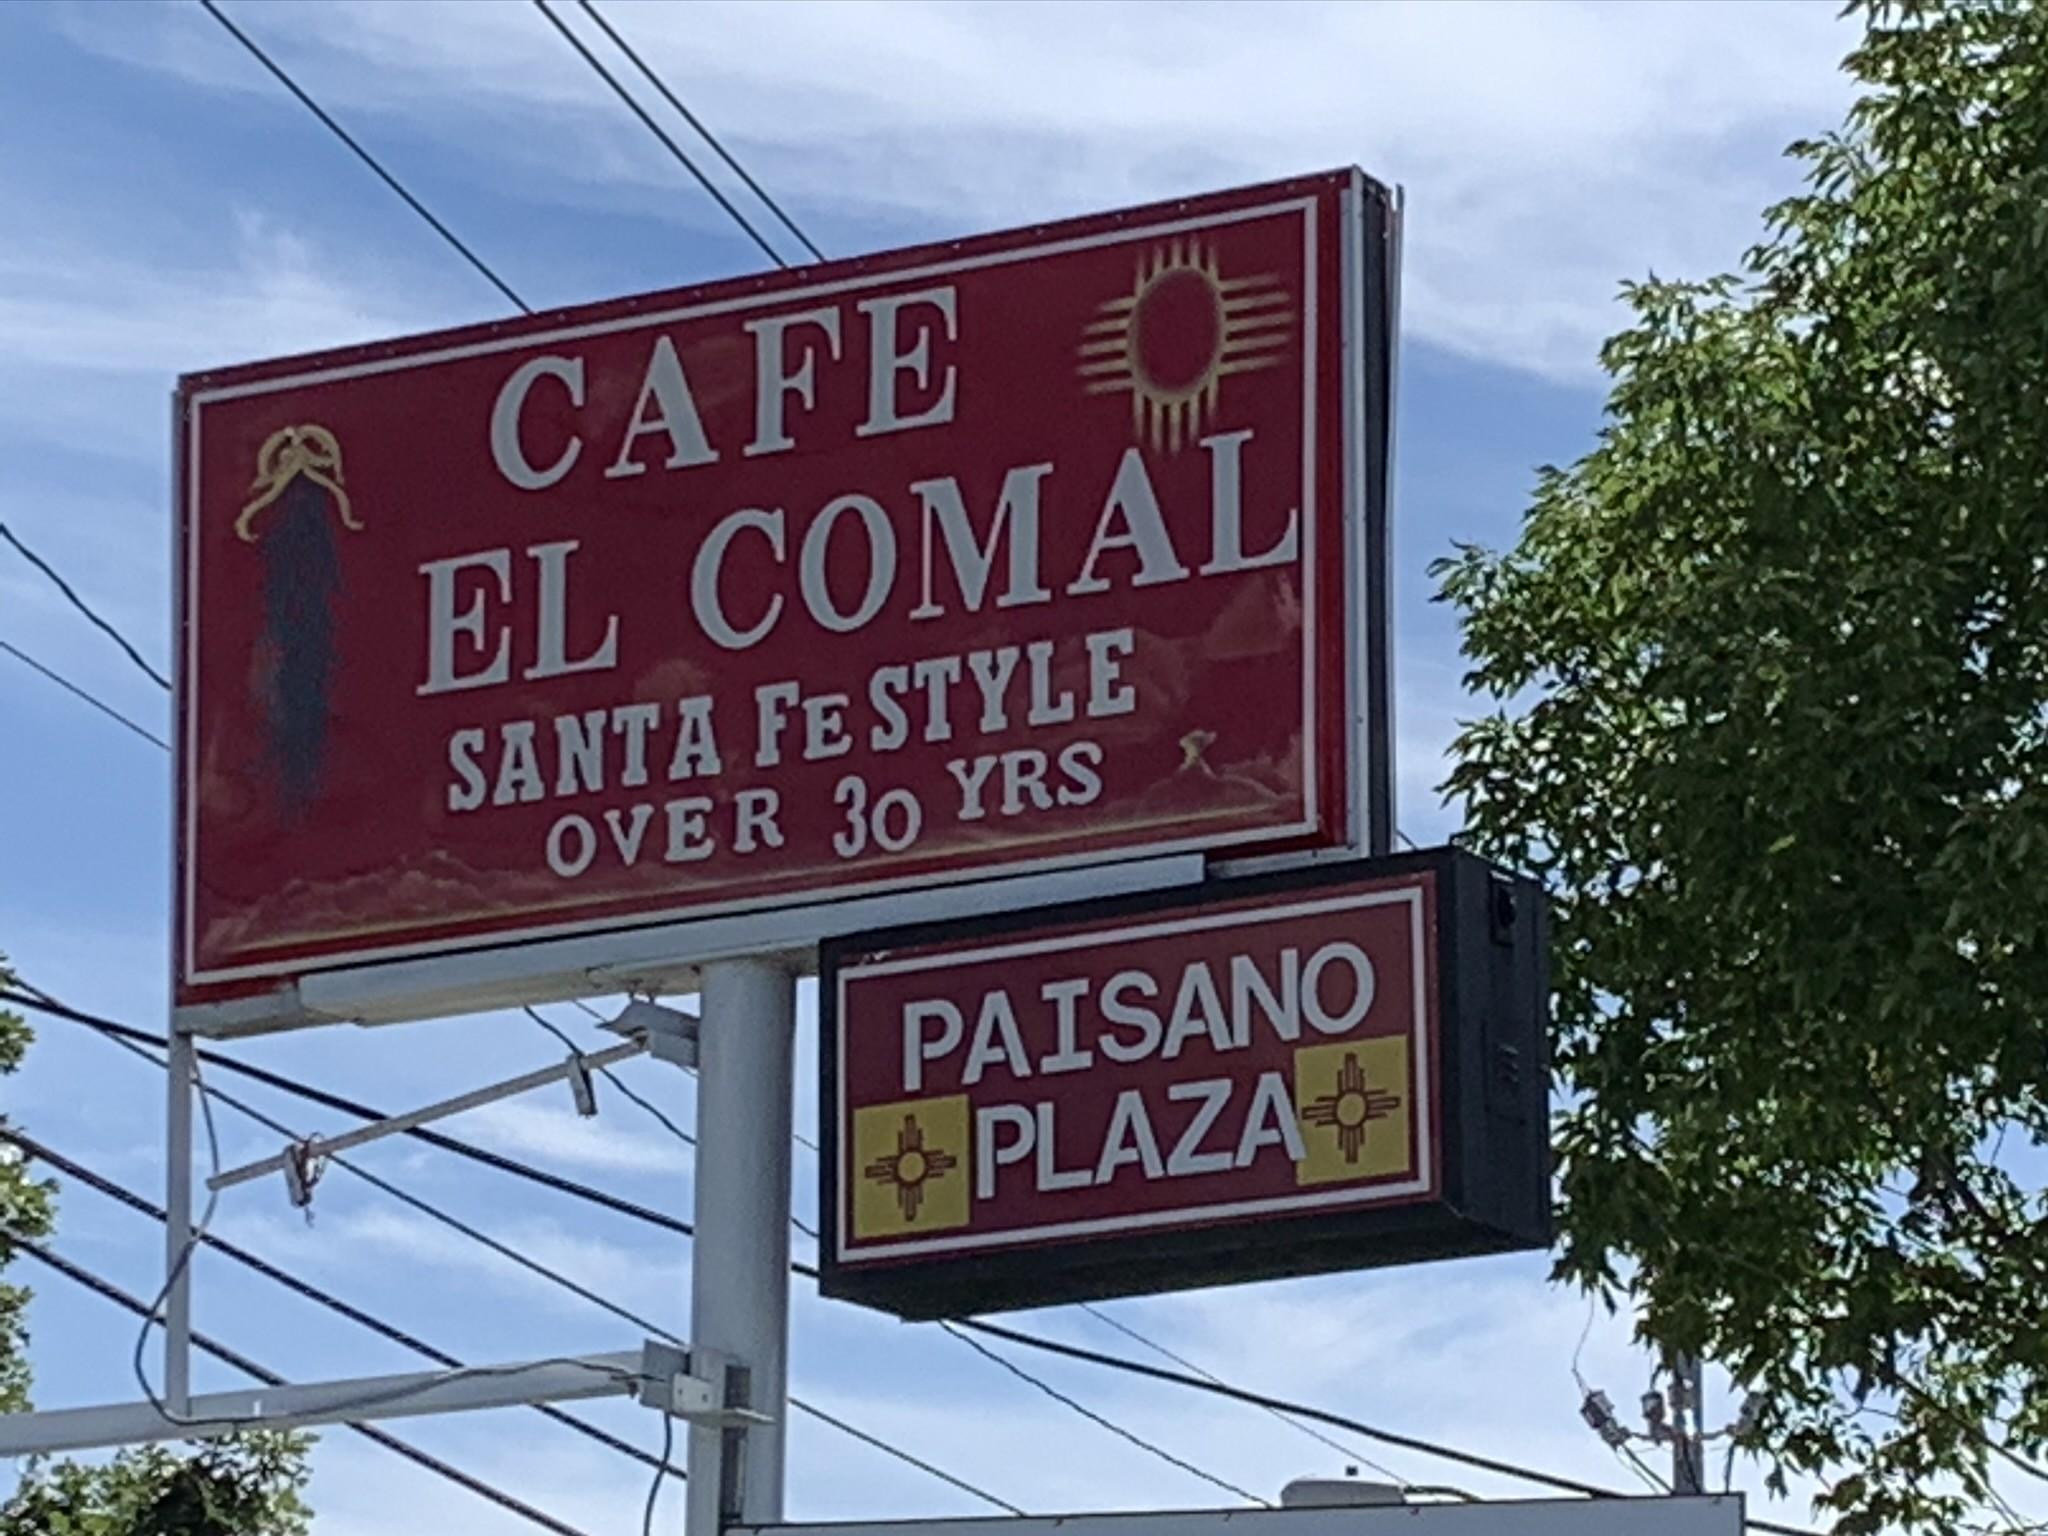 Cafe El Comal, Santa Fe, New Mexico